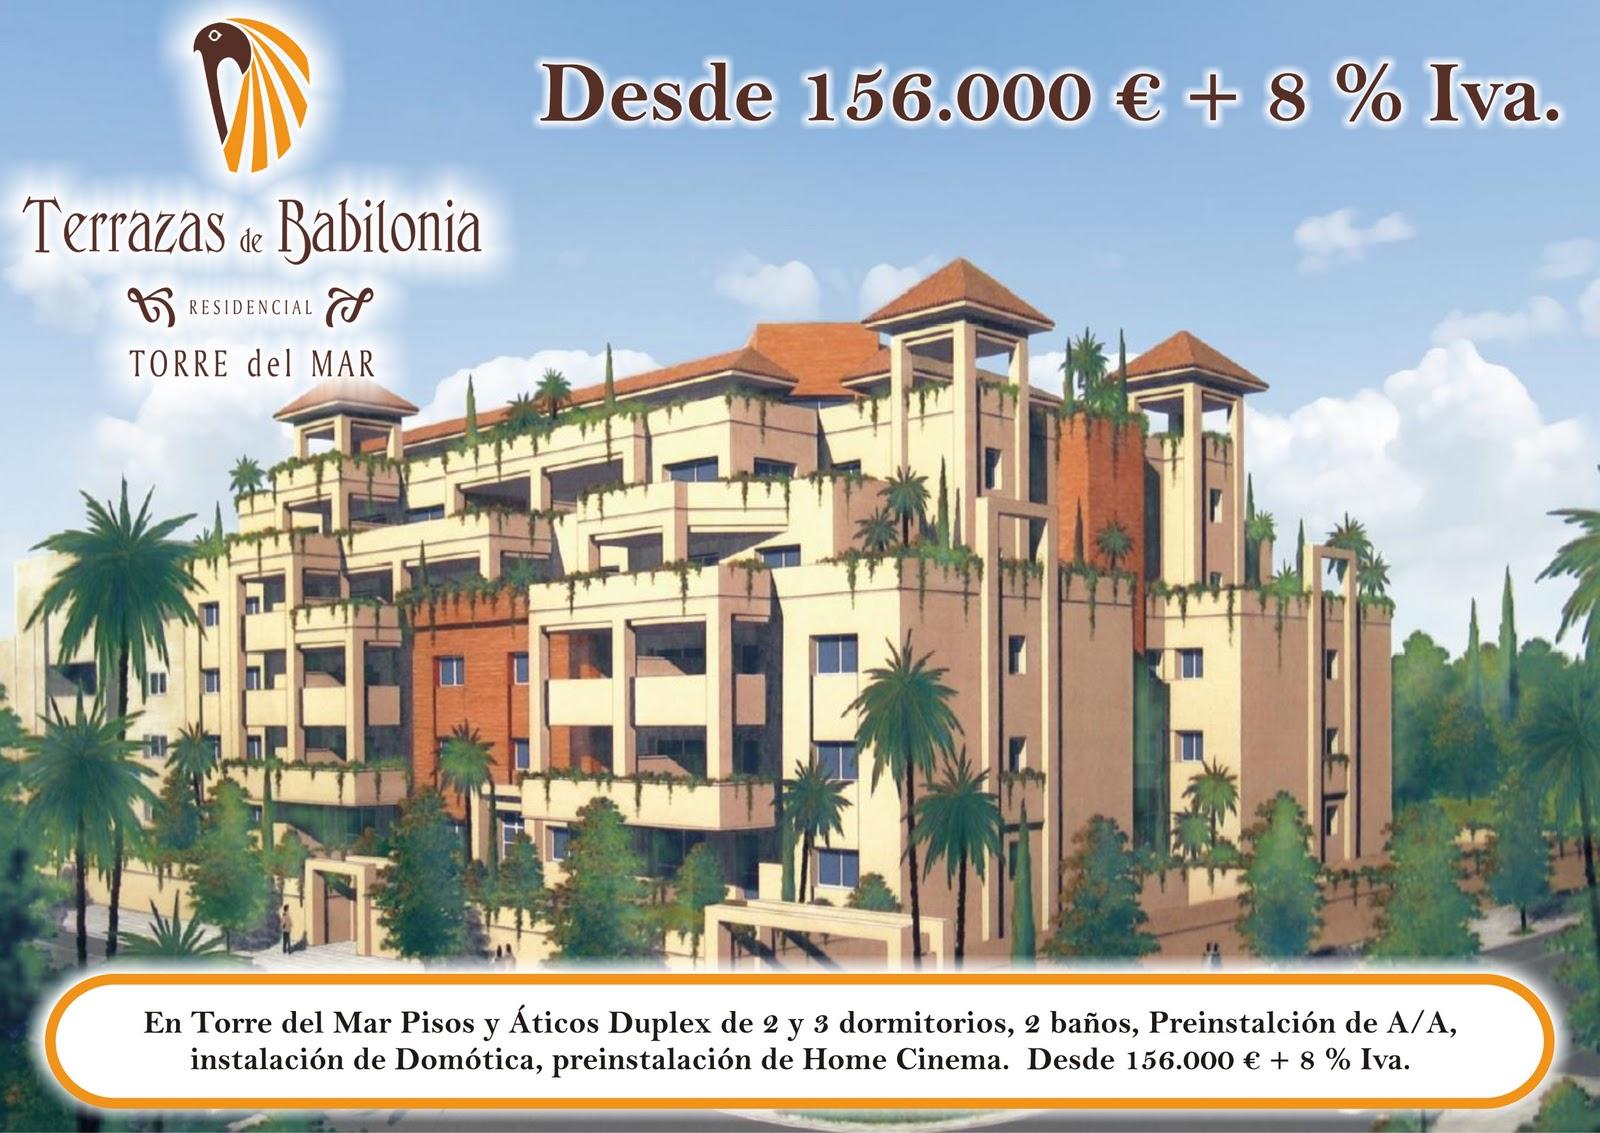 Ure a inmobiliaria nueva promoci n a la venta en torre del mar terrazas de babilonia - Venta de pisos en torre del mar ...